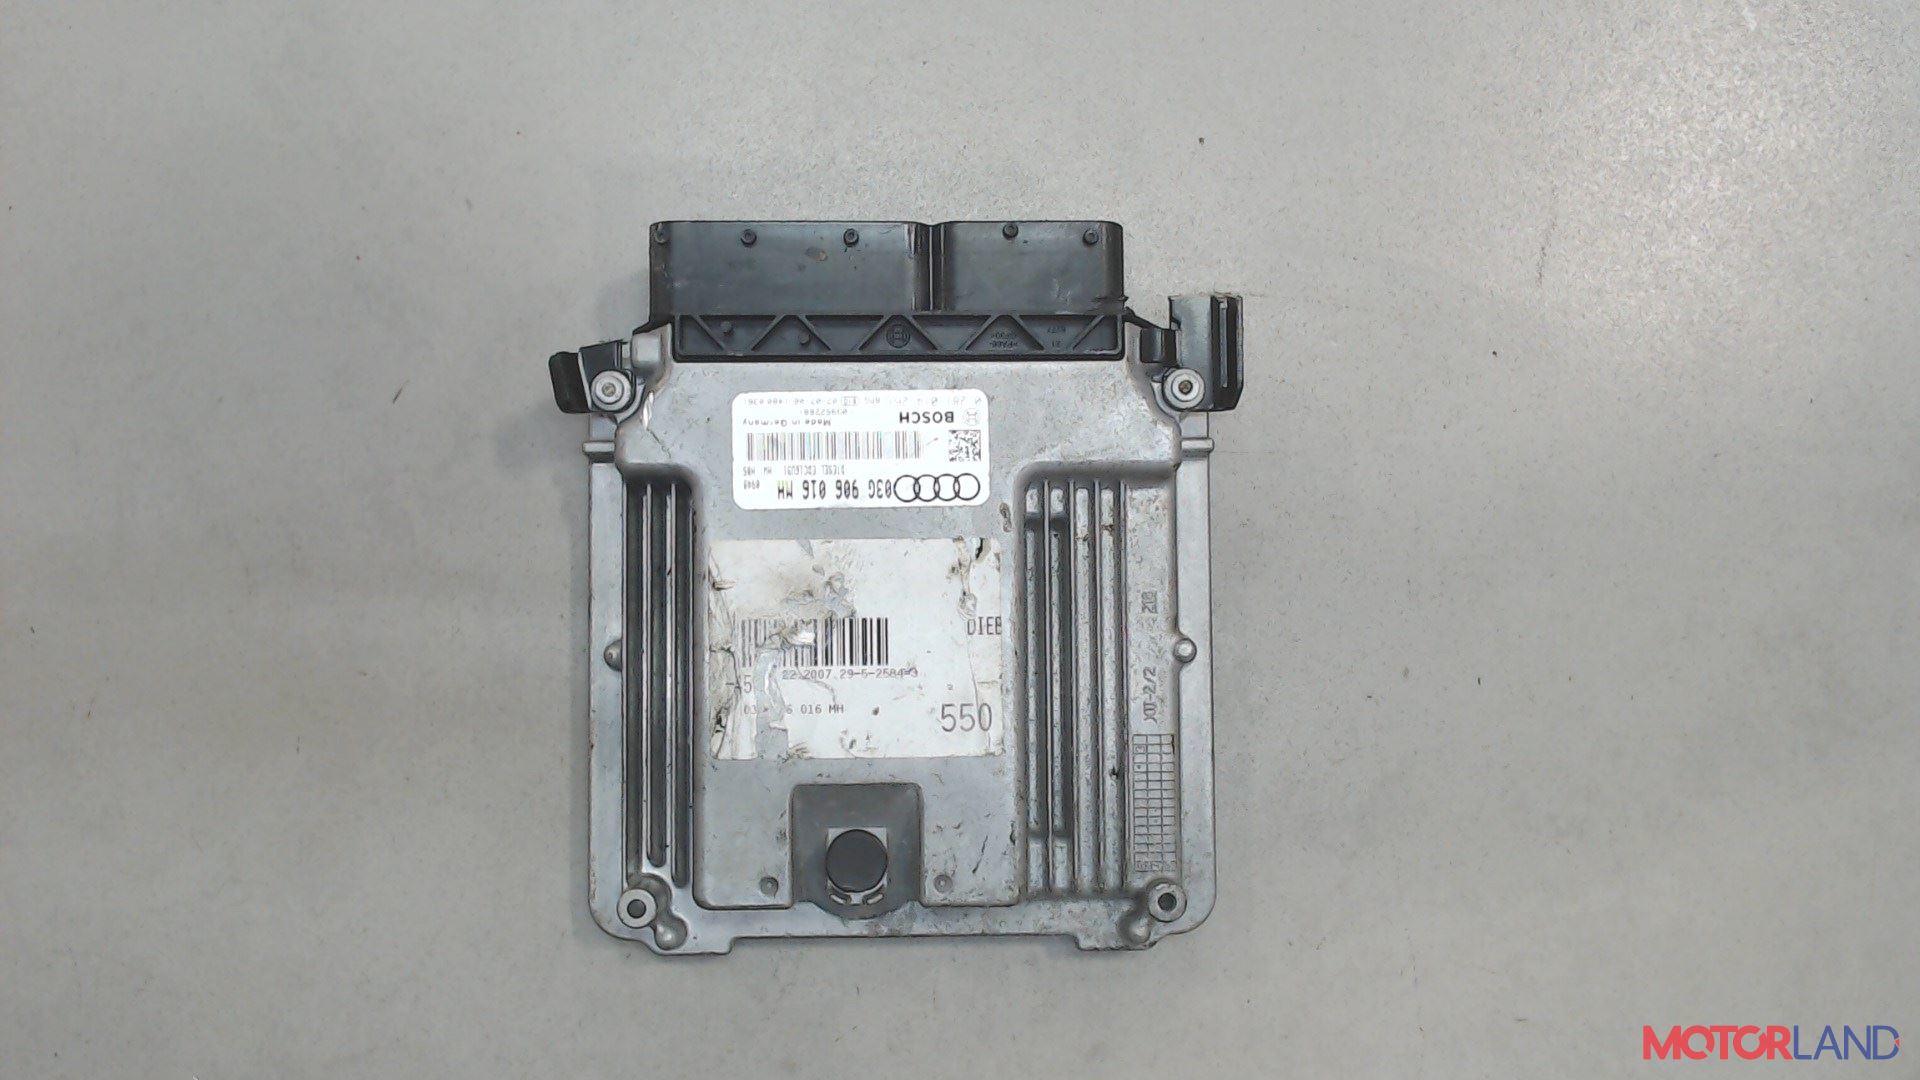 Блок управления (ЭБУ) Audi A6 (C6) 2005-2011 2 л. 2007 BRE б/у #1